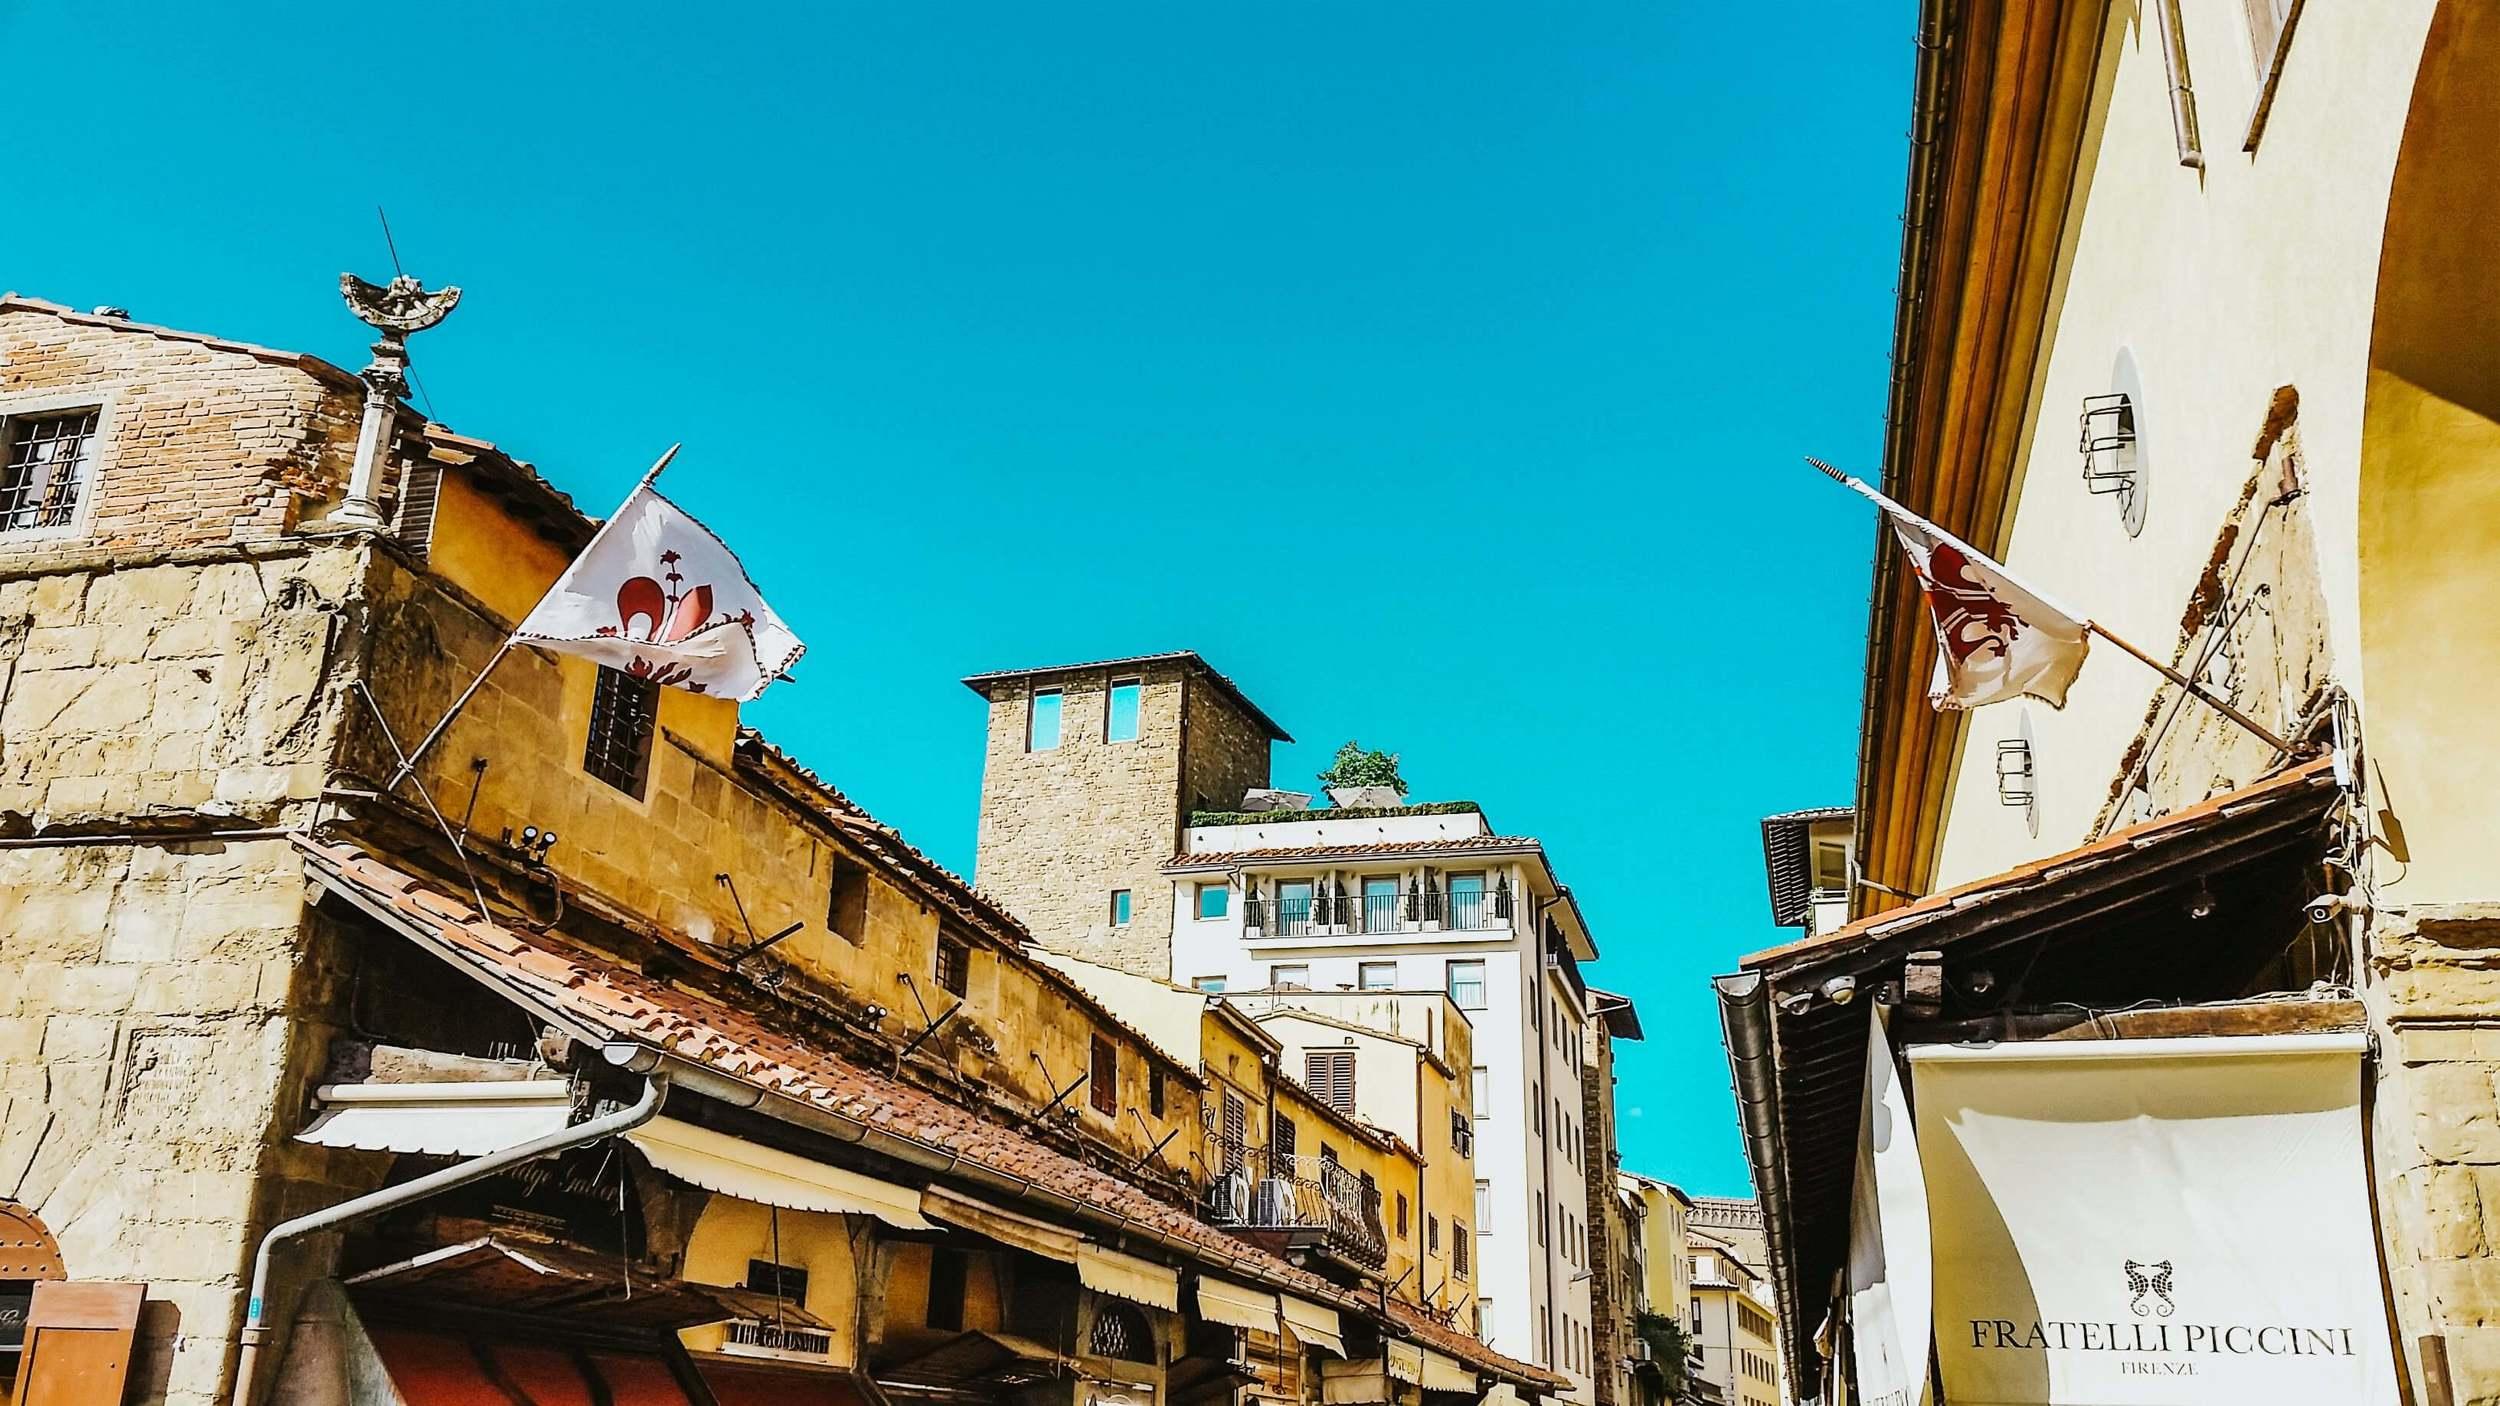 Ponte Vecchio street